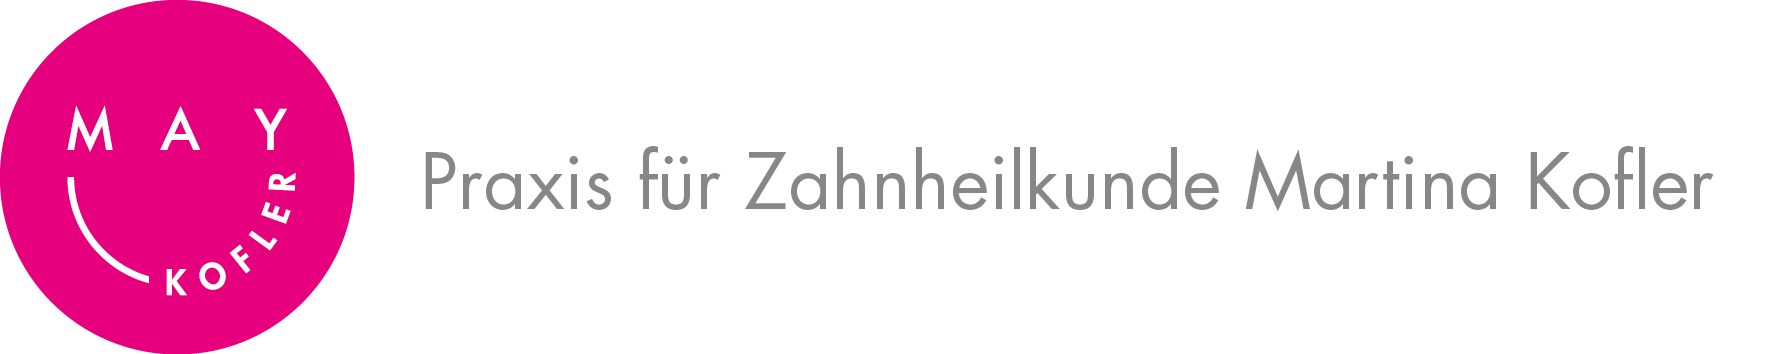 Logo der Praxis für Zahnheilkunde in Mörfelden-Walldorf